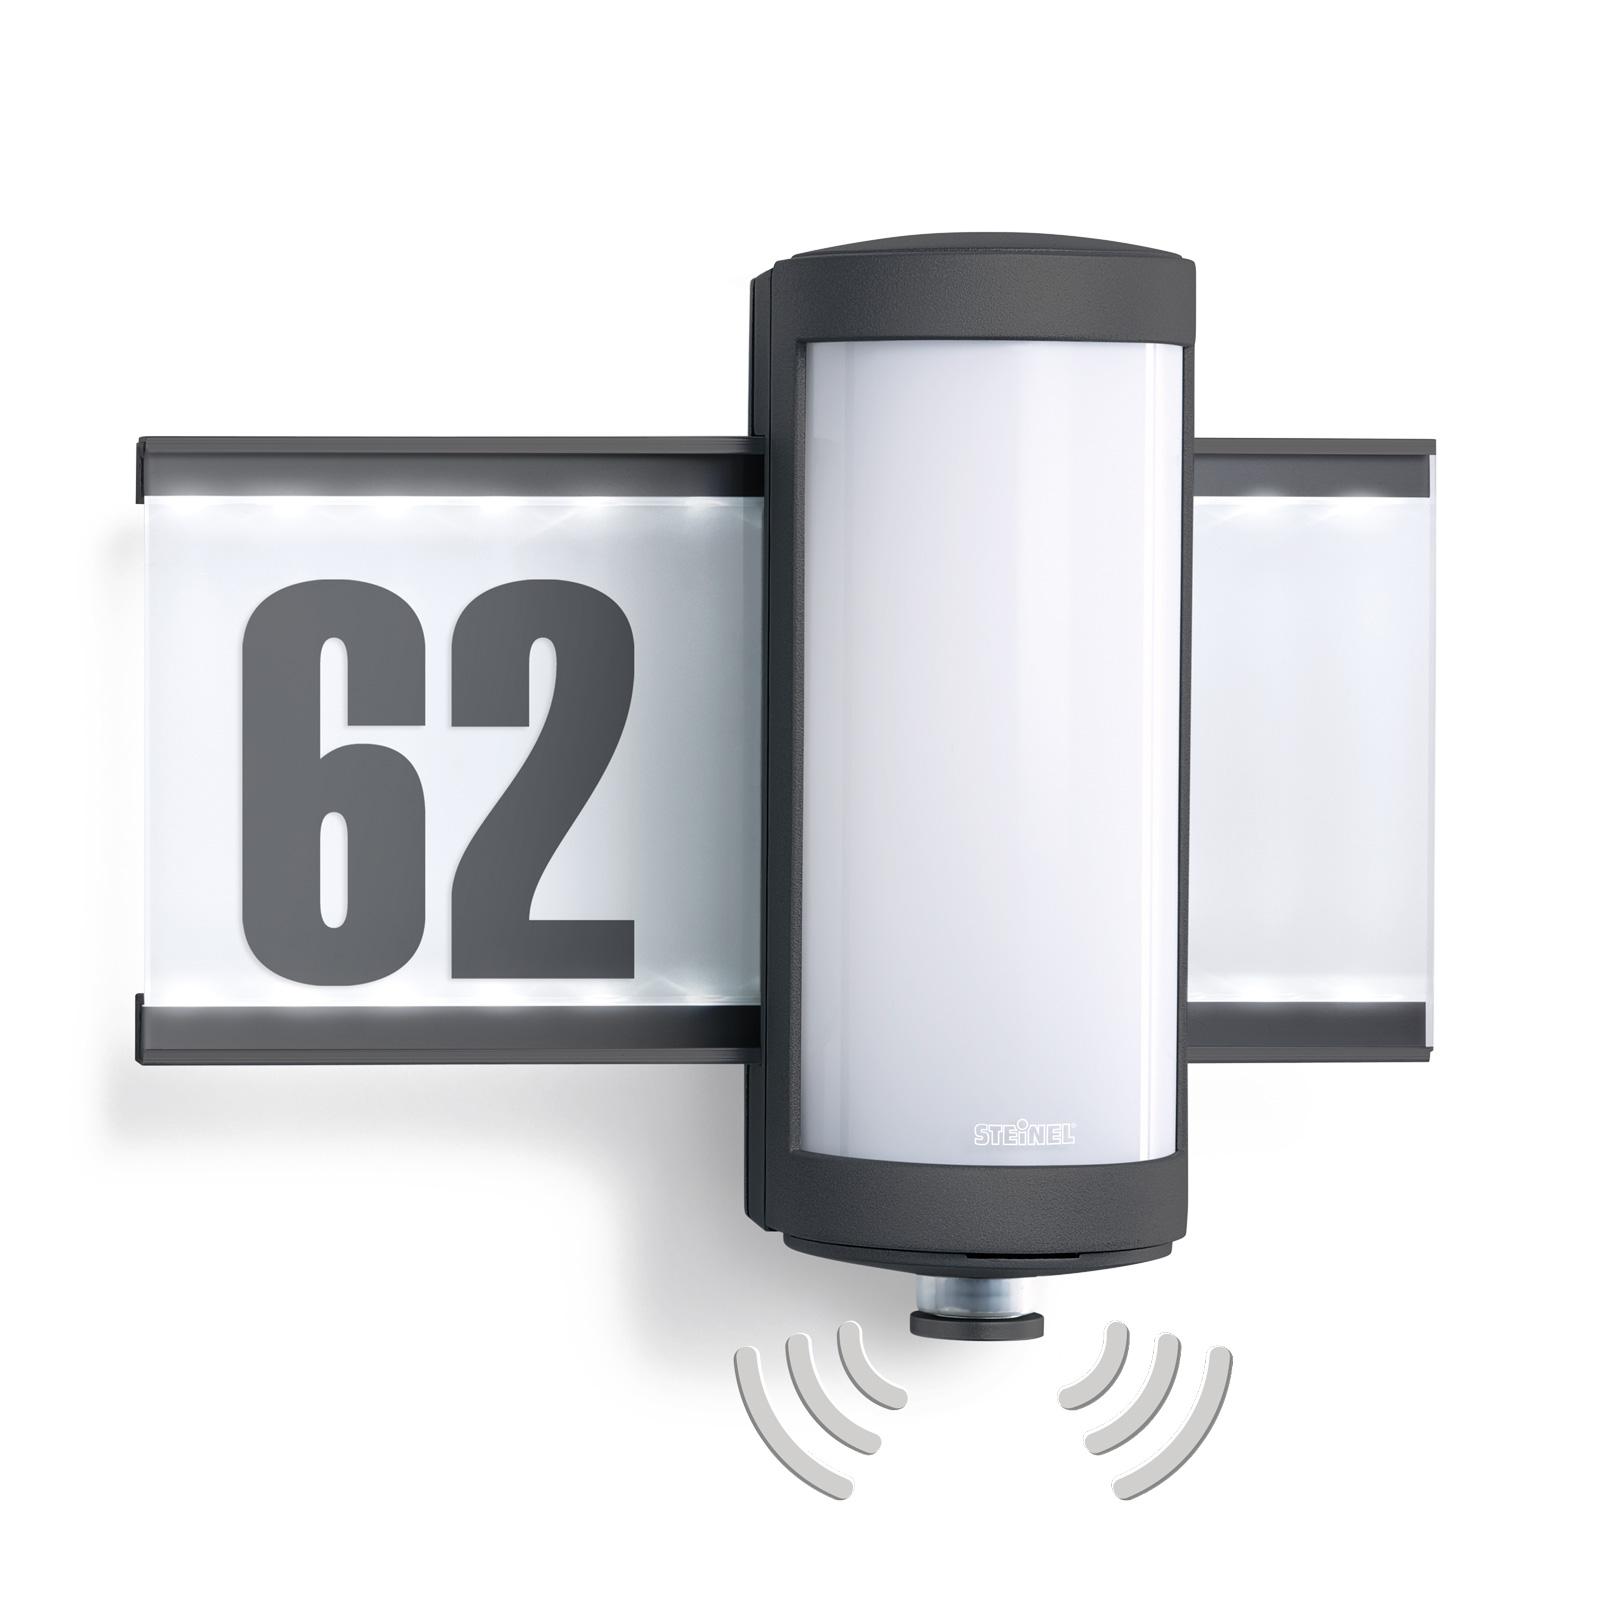 STEINEL L 625 LED-Hausnummernleuchte, 360° Sensor